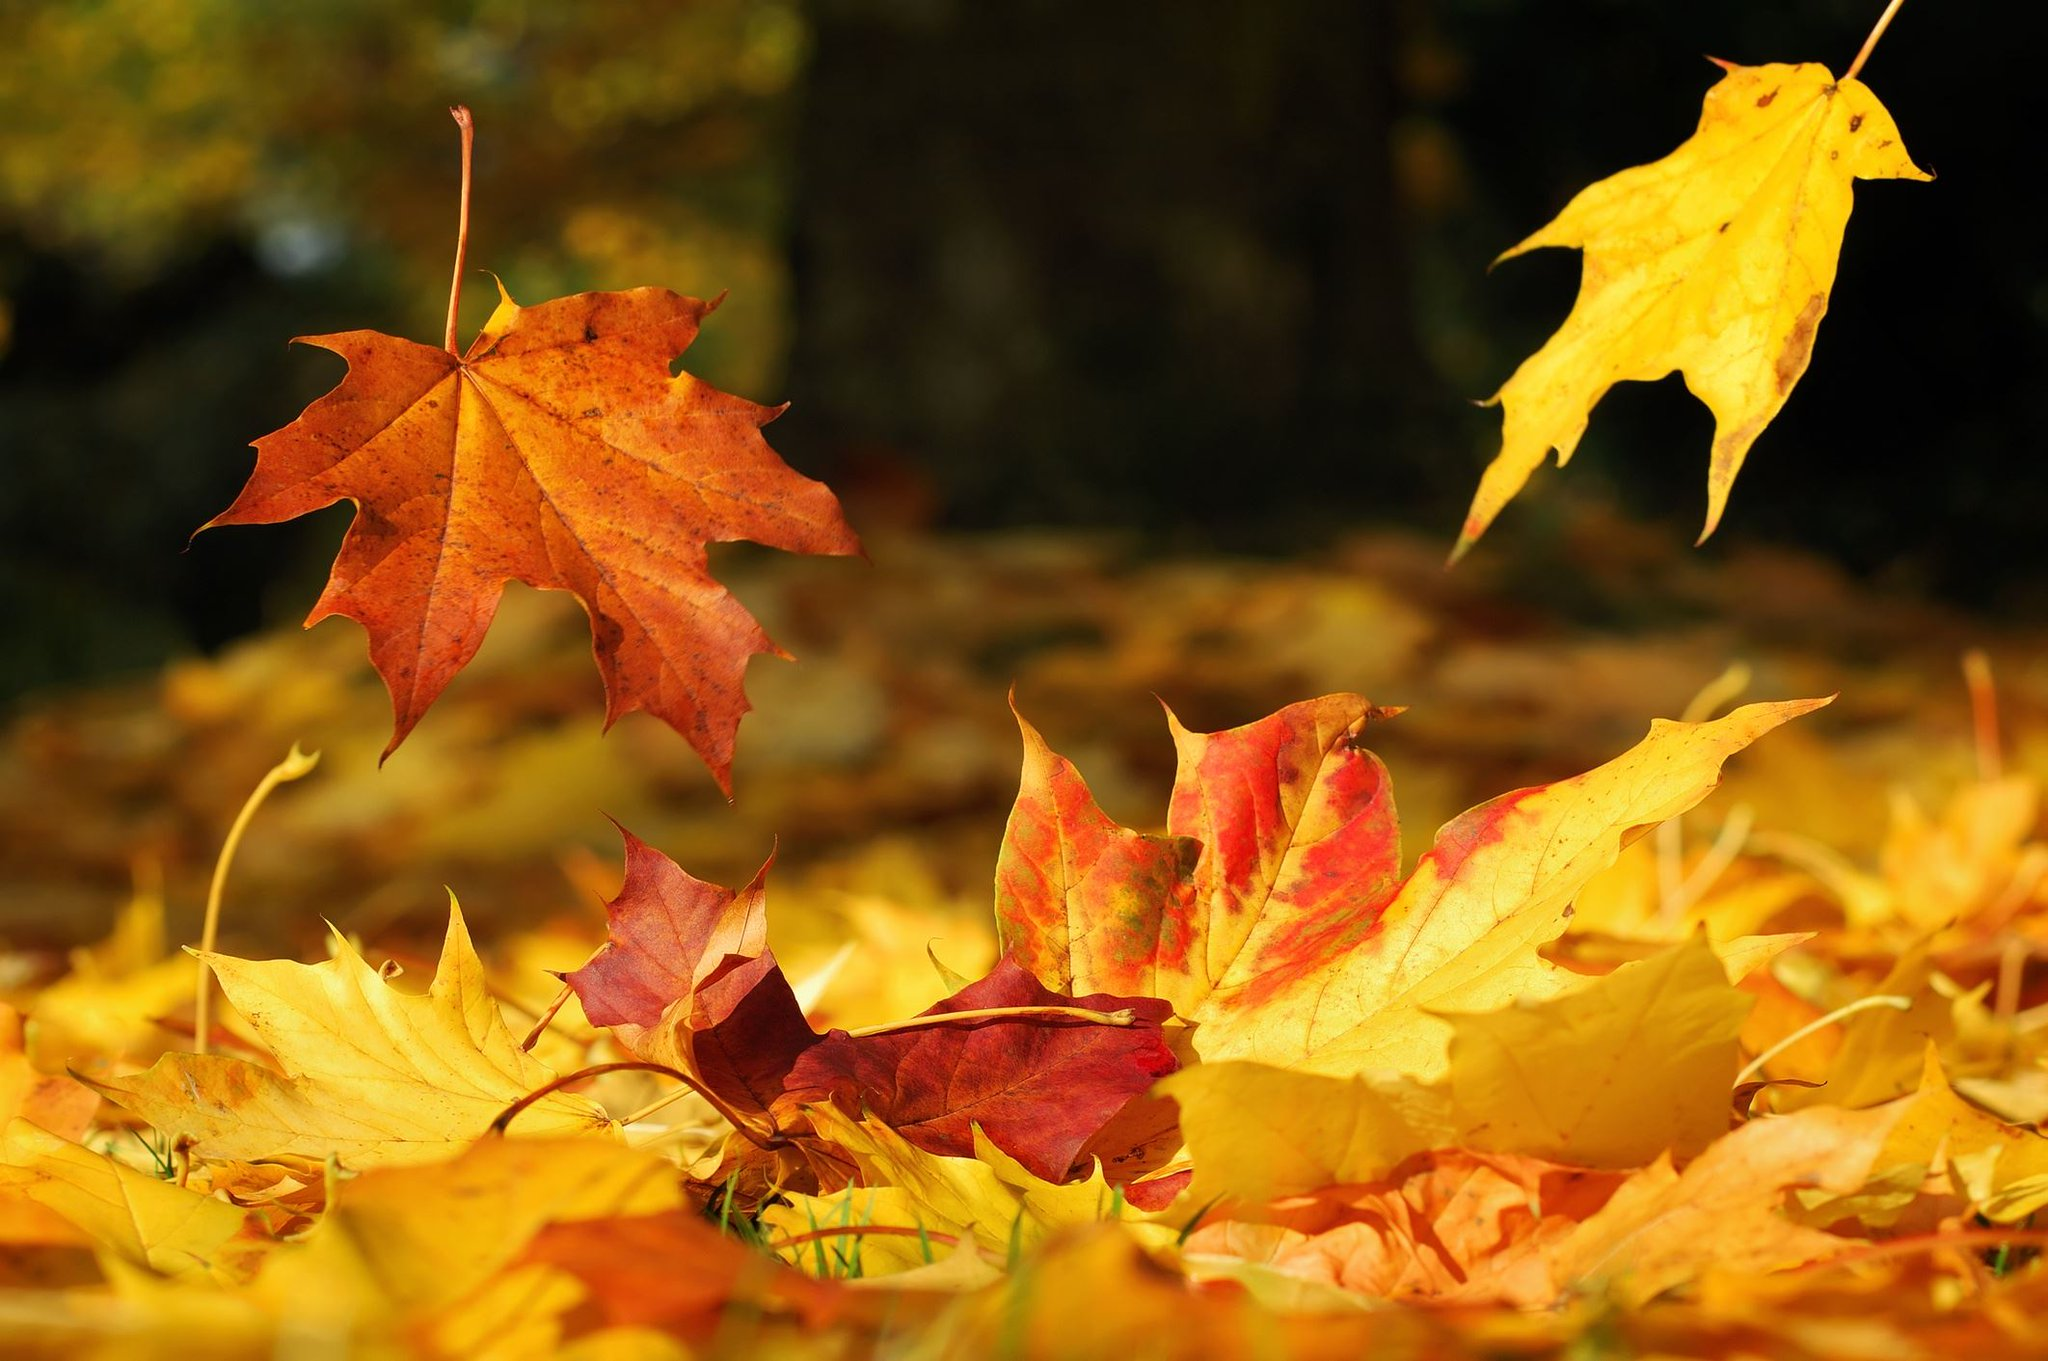 будто намекают картинка листья кружиться что меня